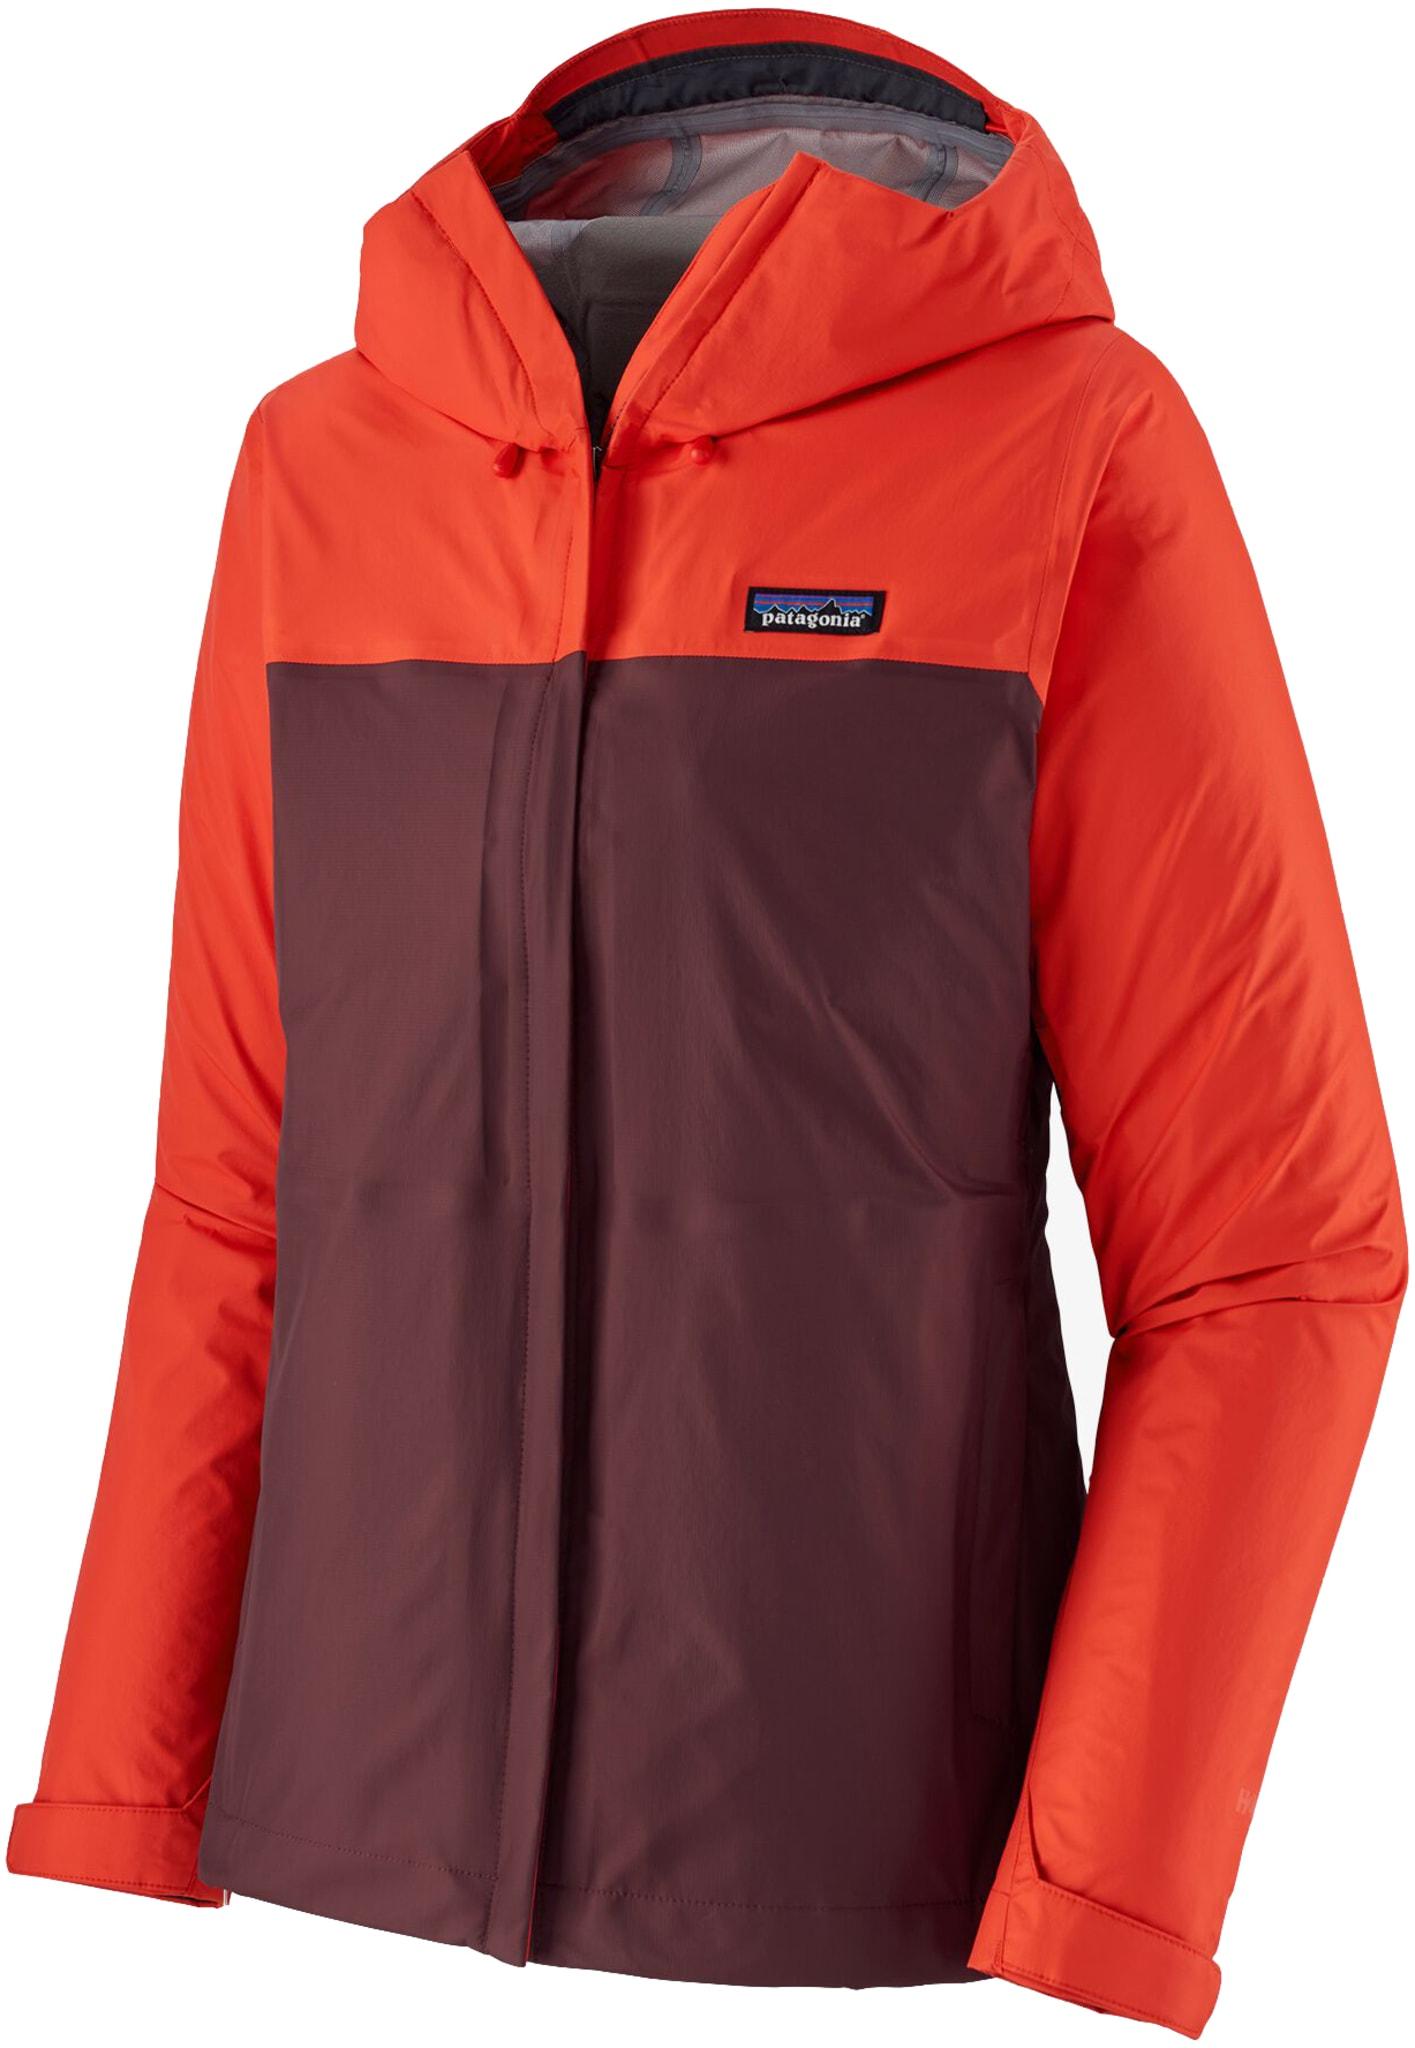 Torrentshell 3-Layer Jacket W